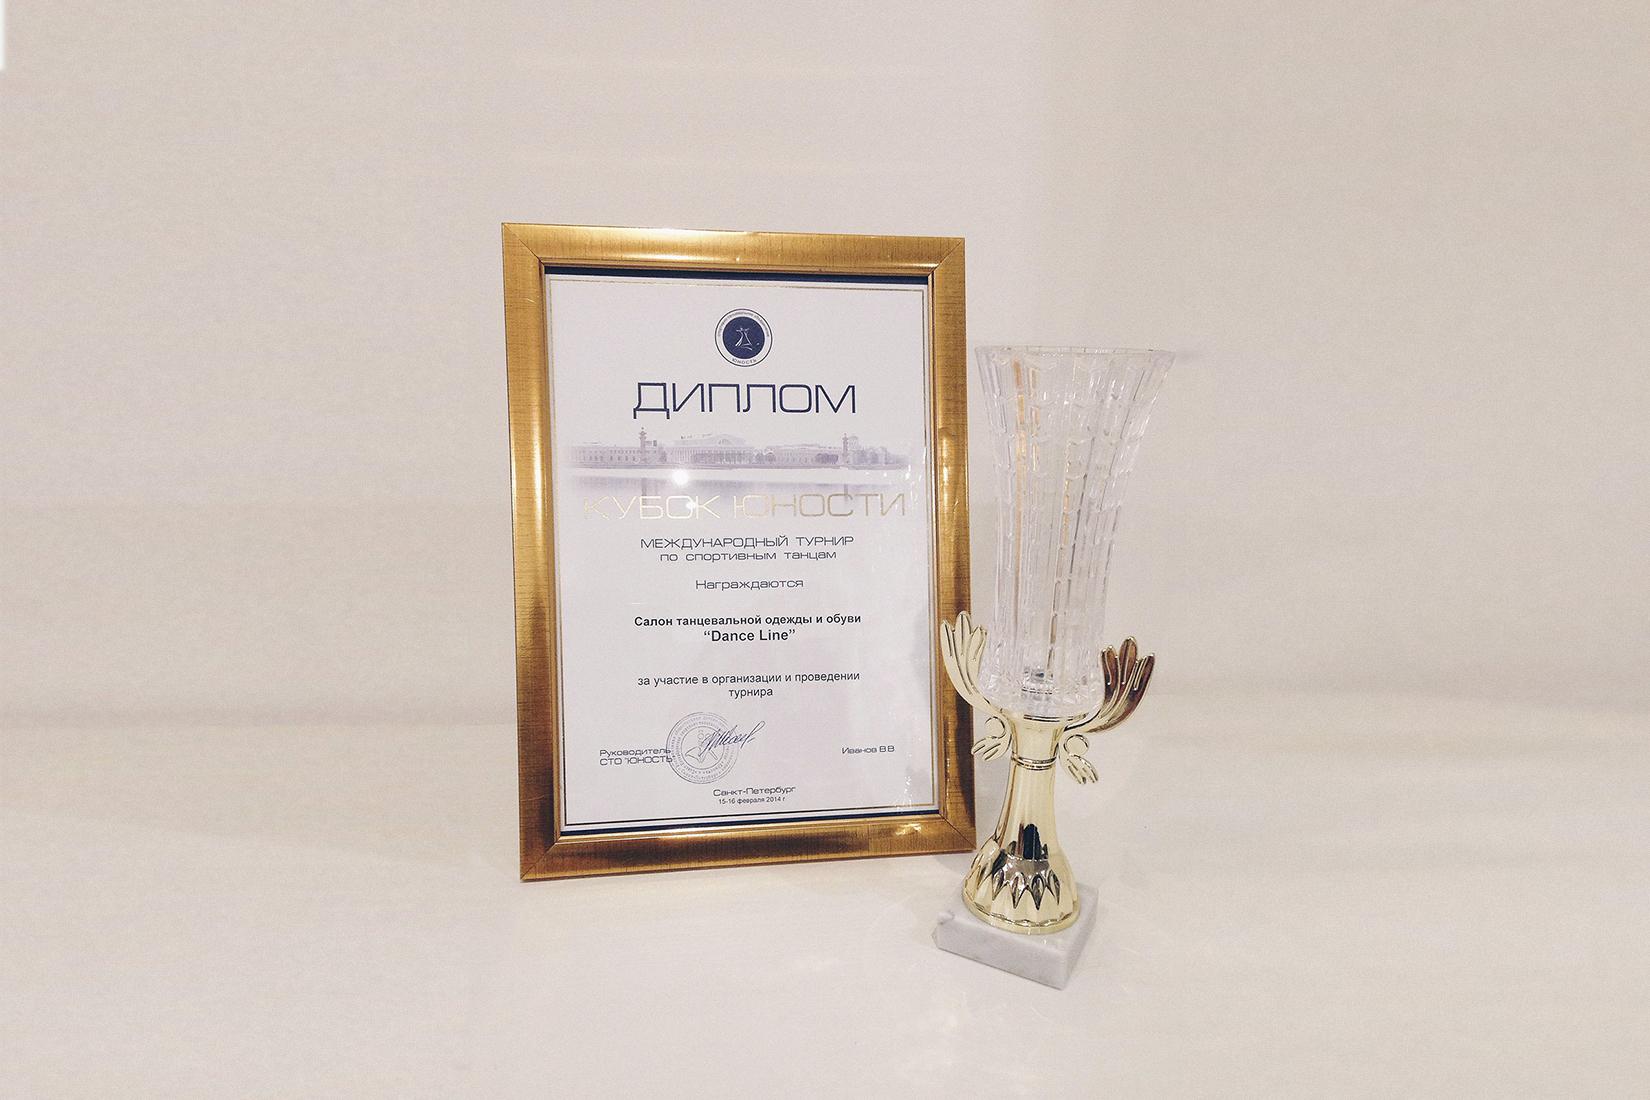 Диплом за участие в организации и проведении международного турнира по спортивным танцам «Кубок Юности»